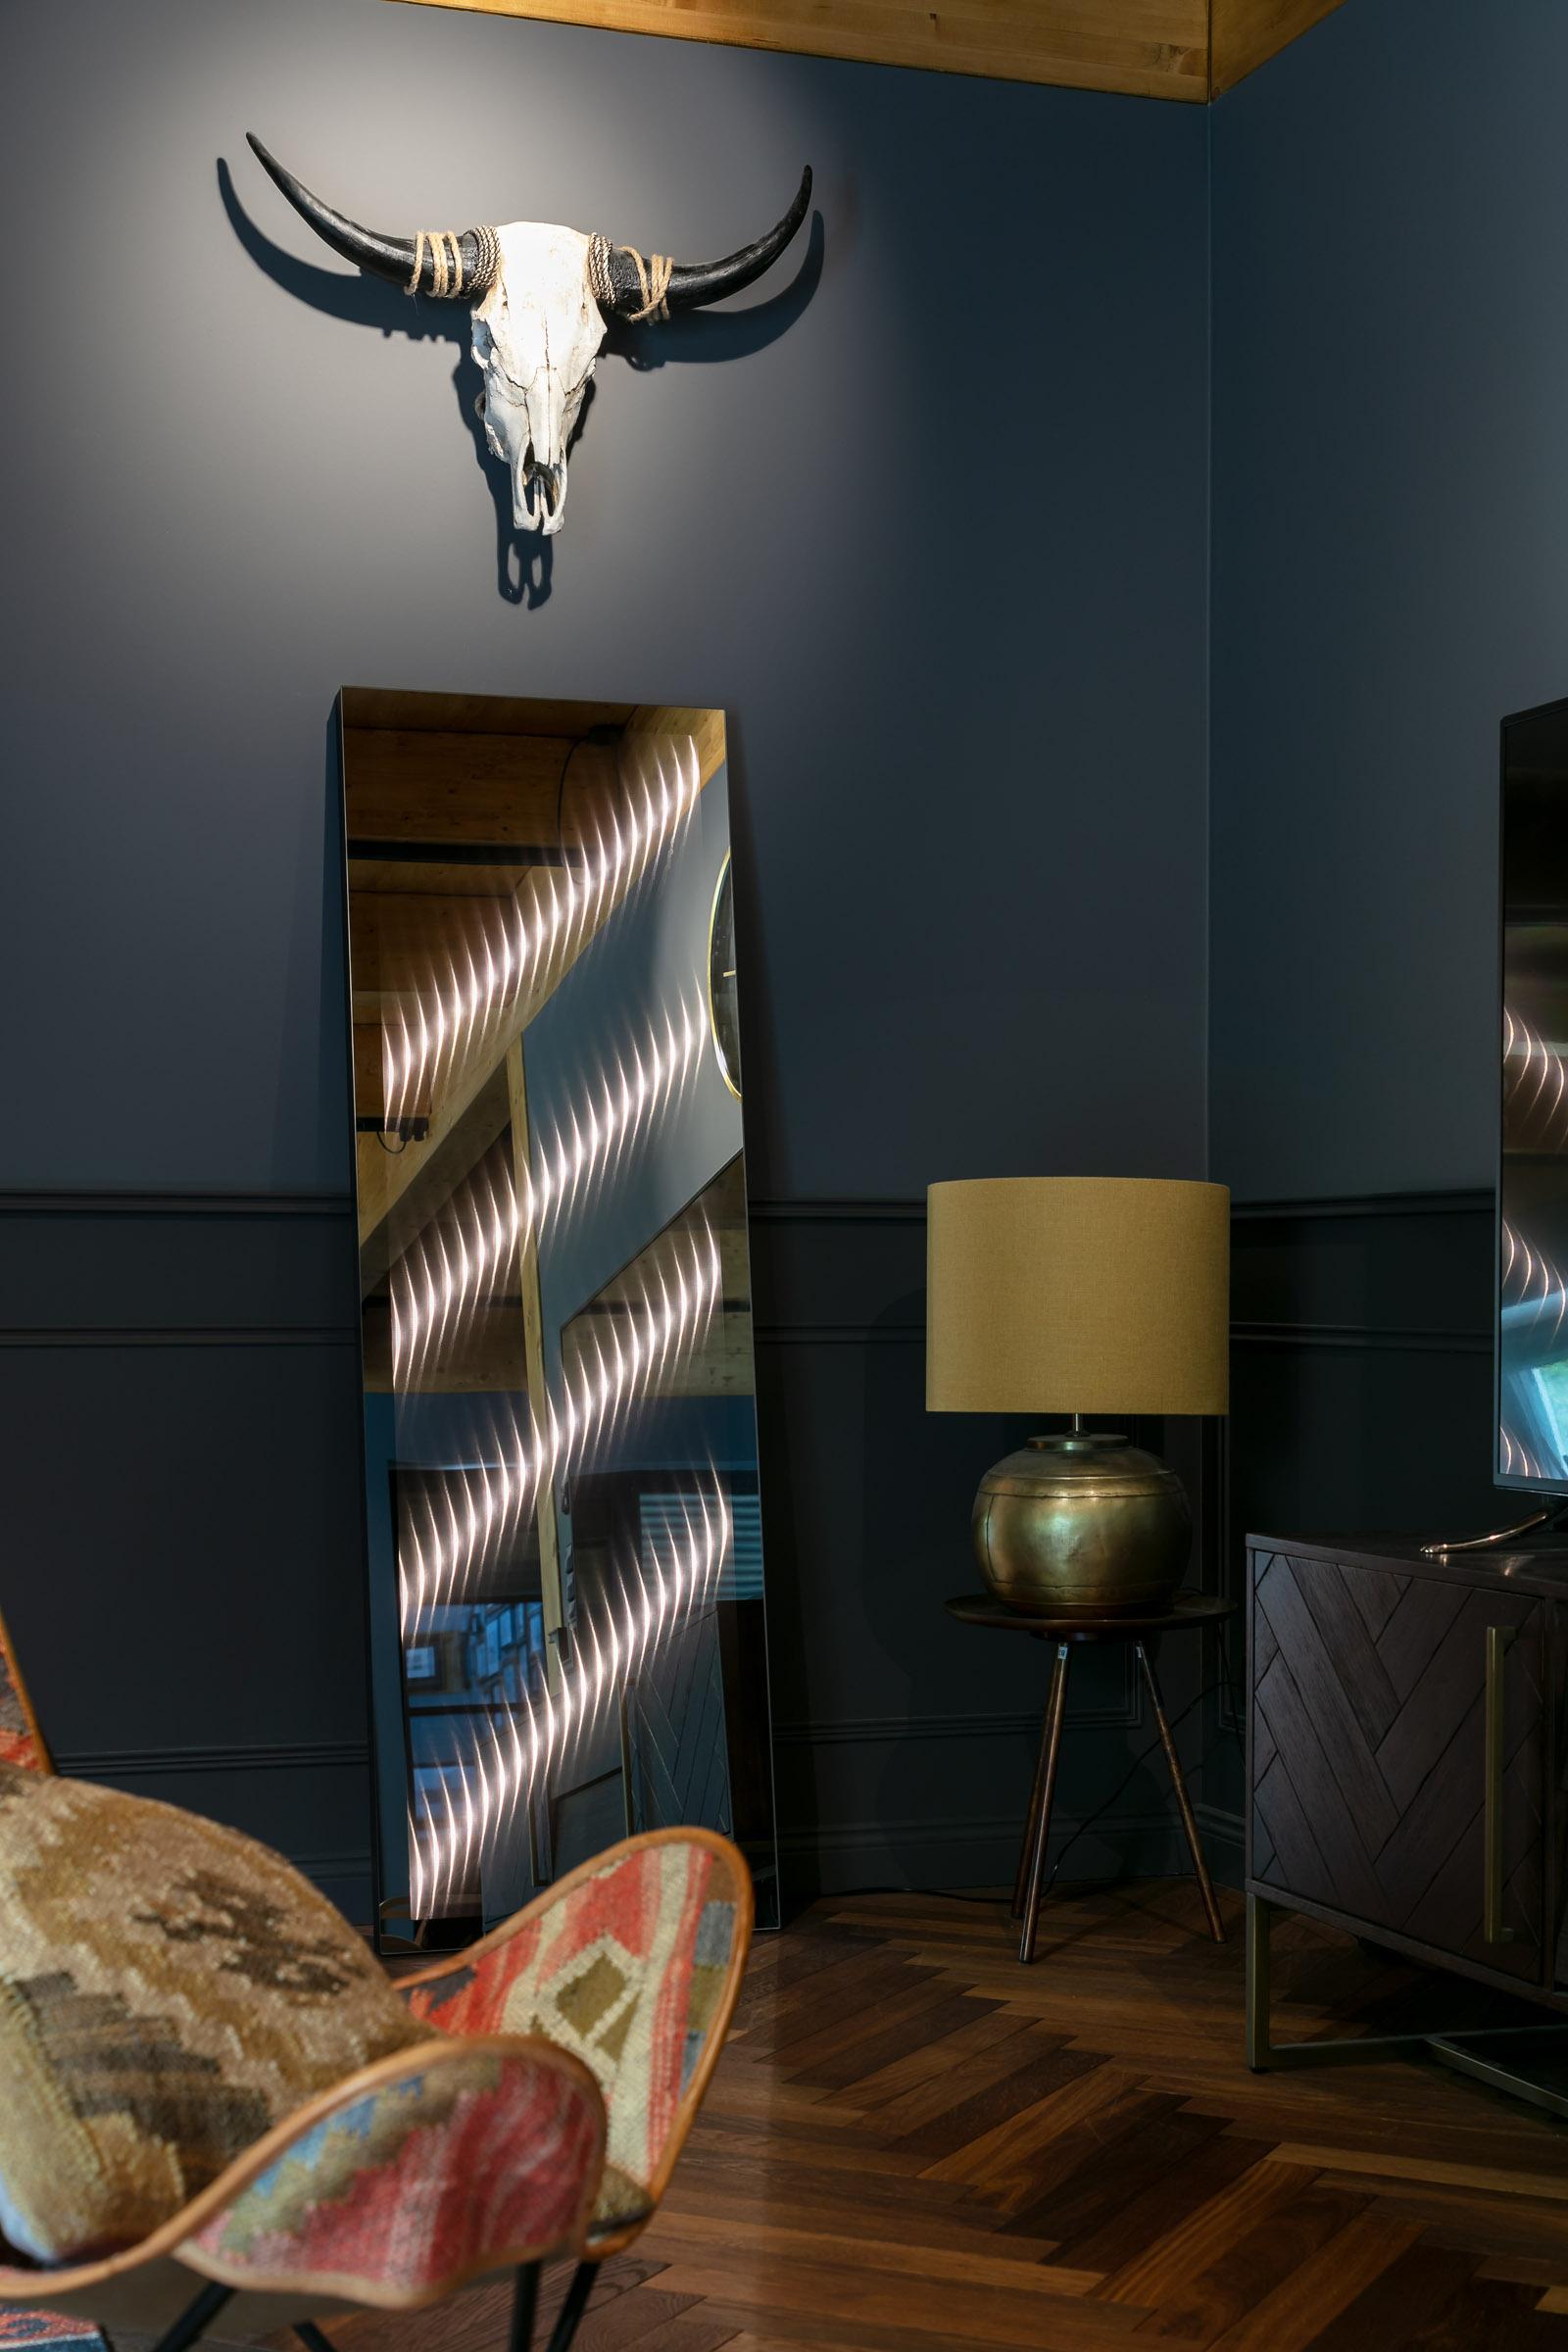 Ambiloom® Mirror 1700 ist ein klassischer Ganzkörperspiegel mit integrierter Beleuchtung. Das Licht verleiht jedem Raum mehr Tiefe und Wohlfühlcharakter.